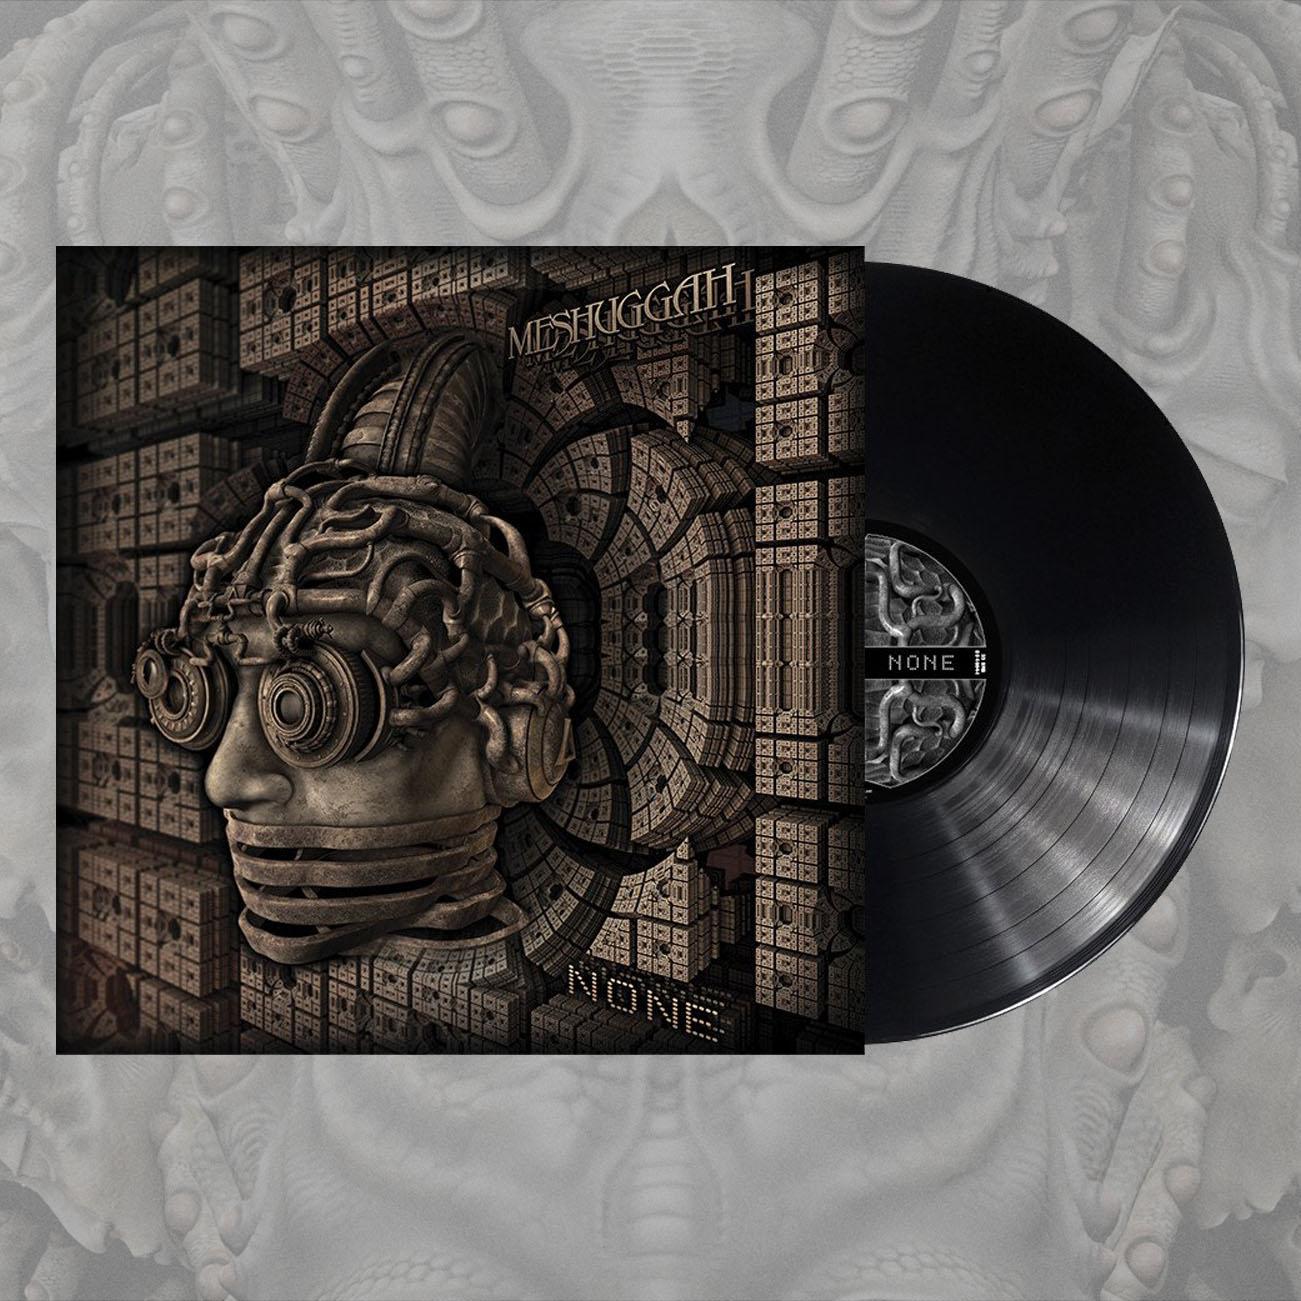 Meshuggah - 'None' Black LP - Meshuggah